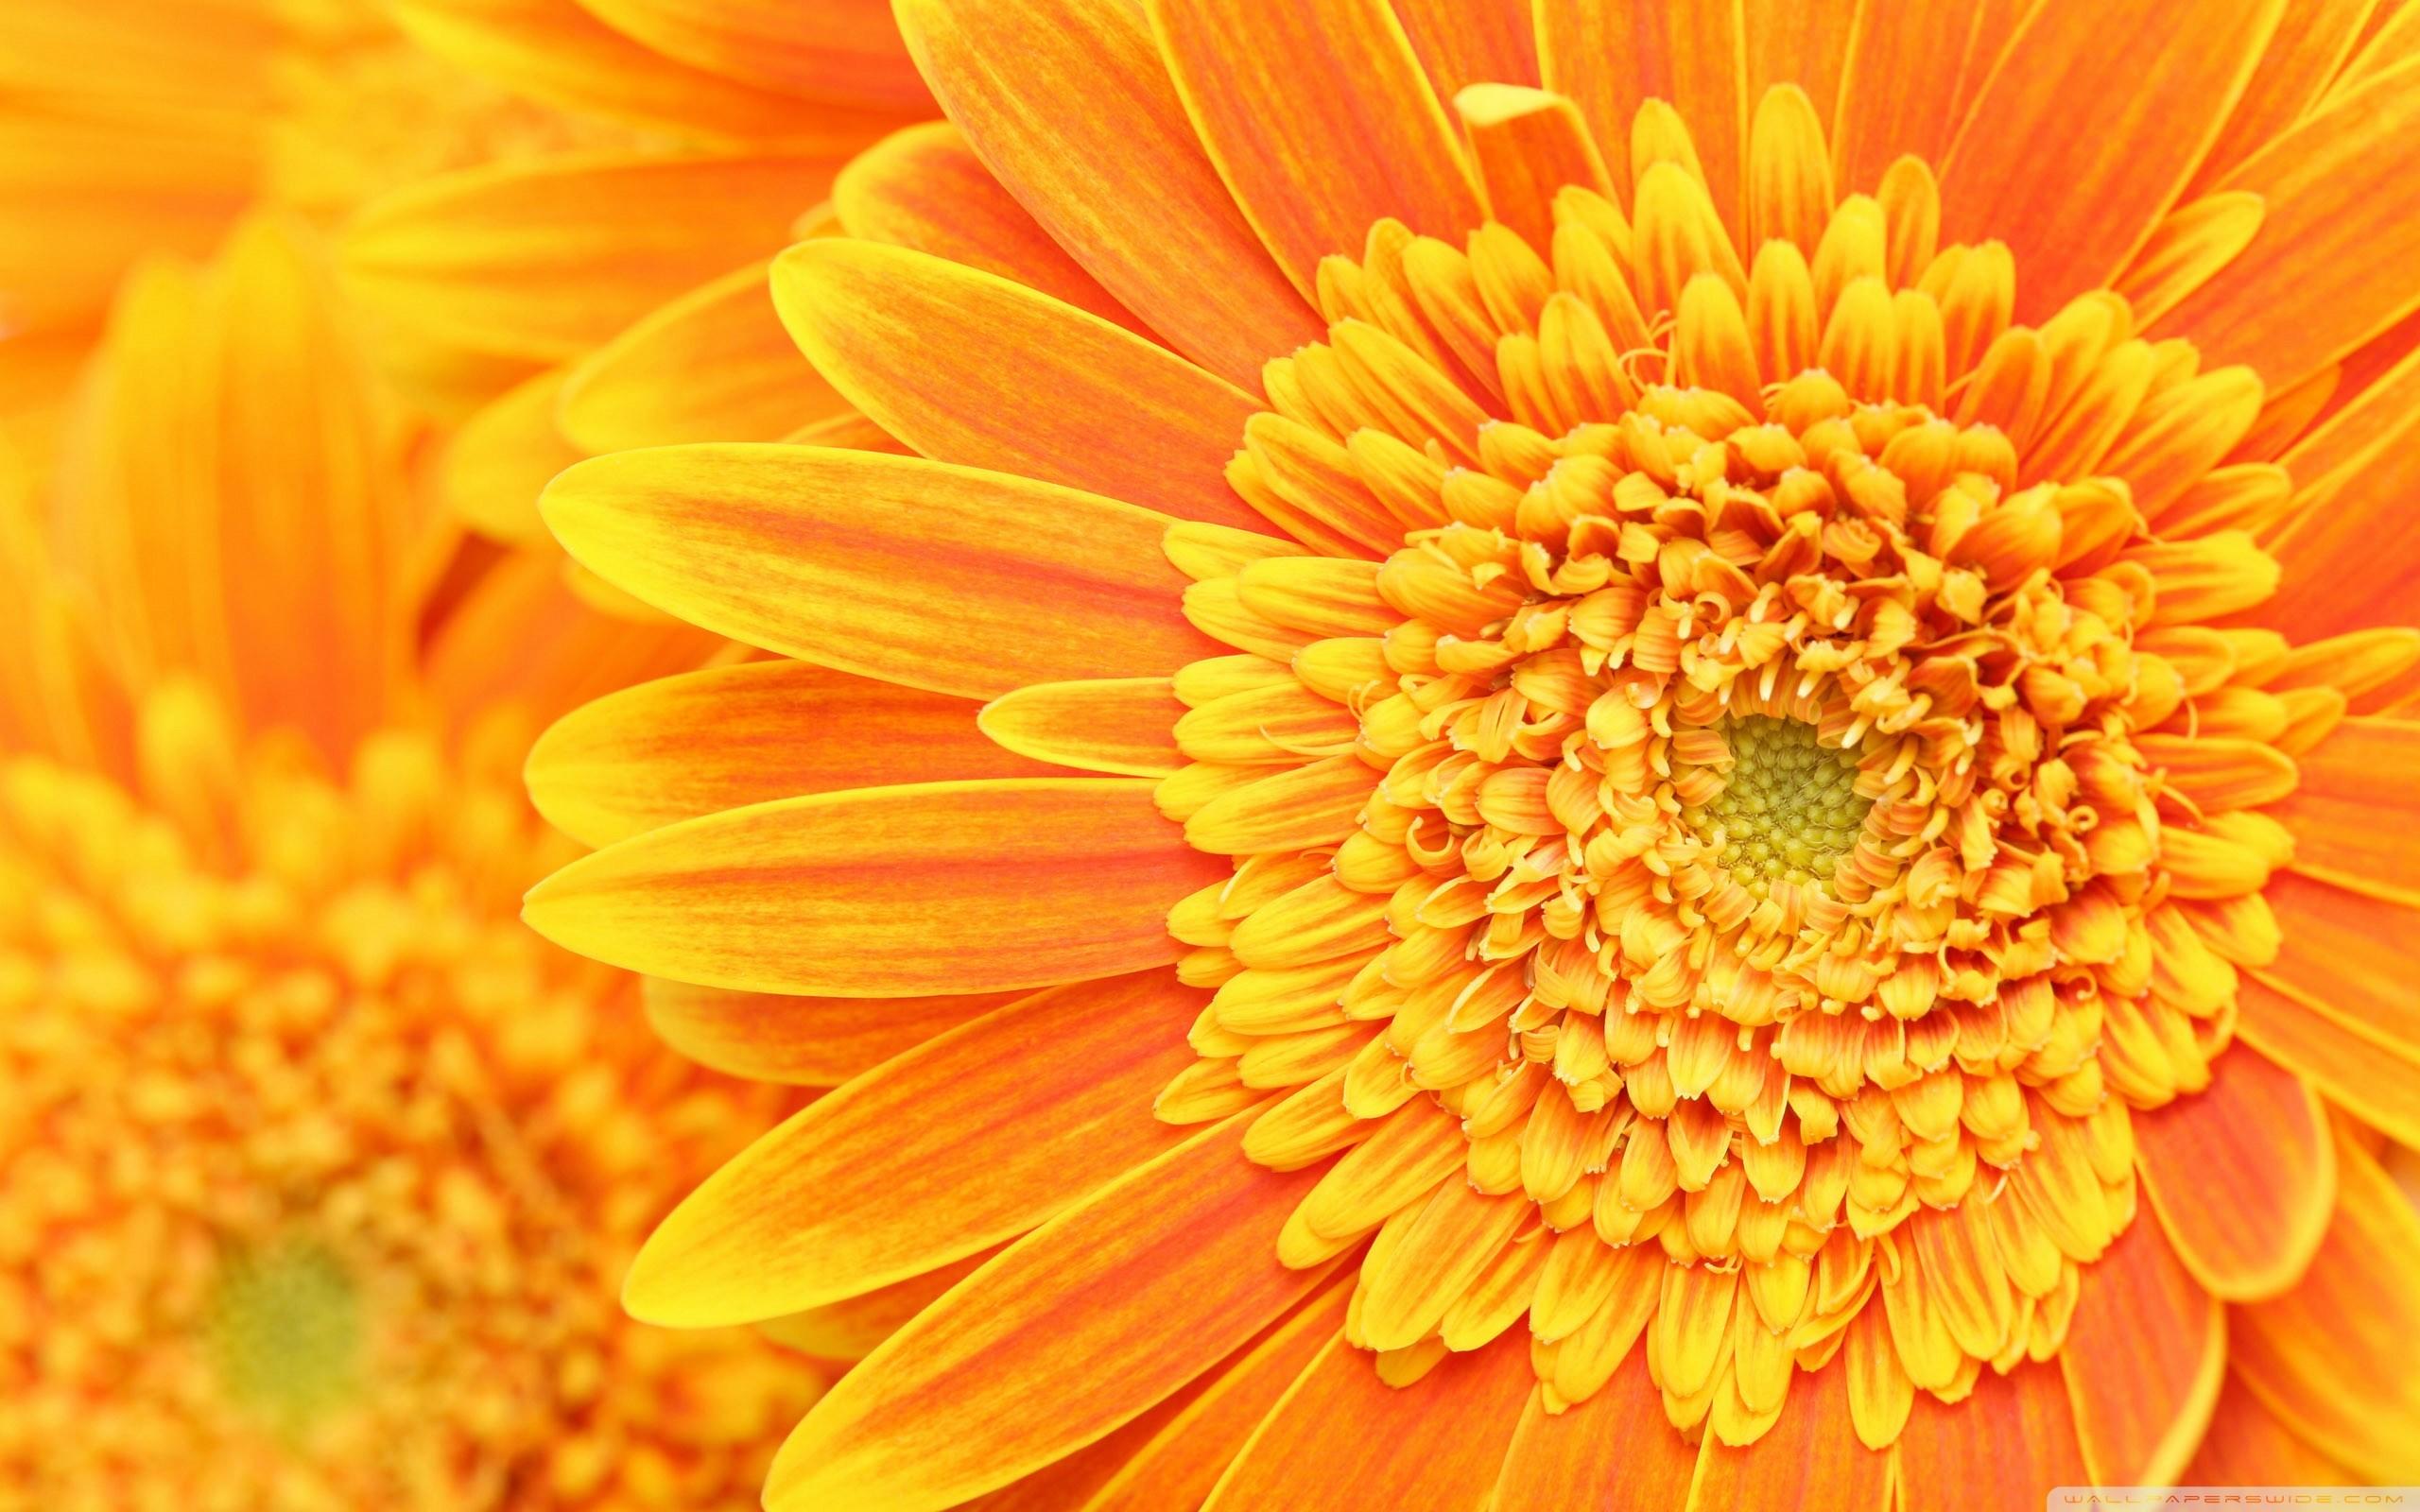 Hình nền vàng hoa vàng cực đẹp